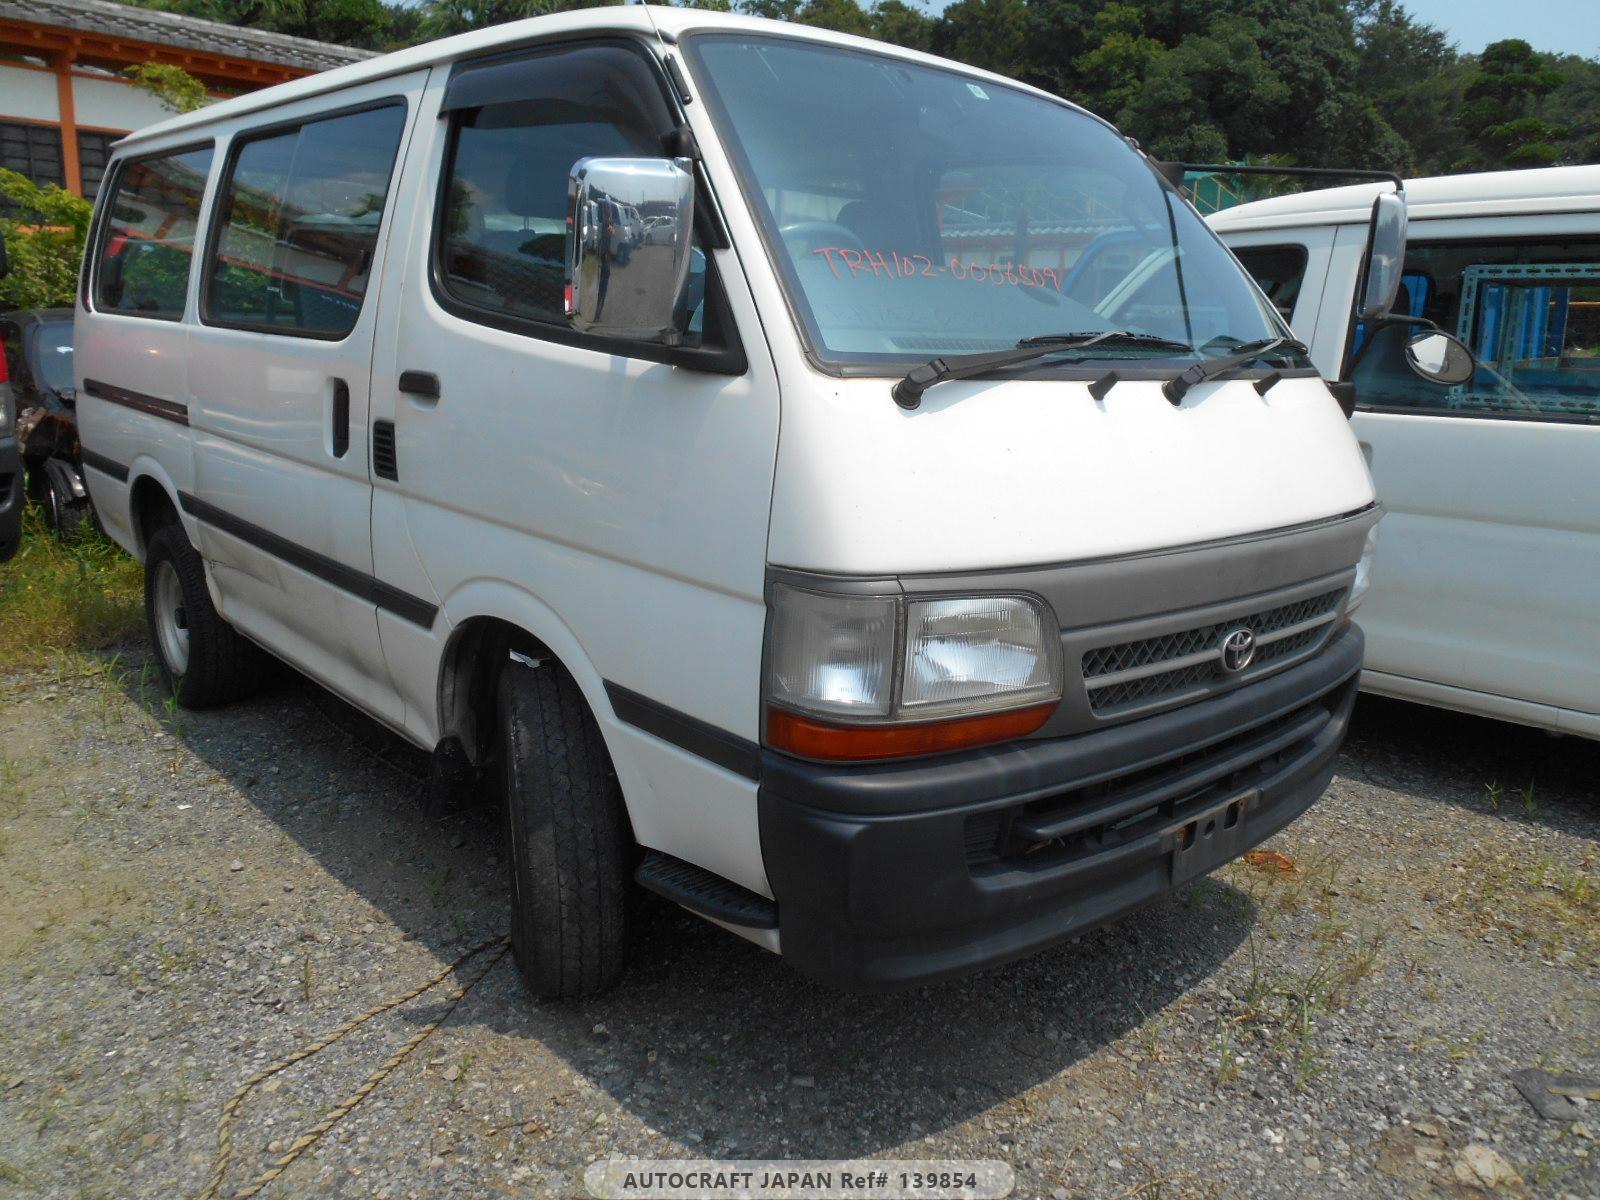 Toyota Regius Van 2004